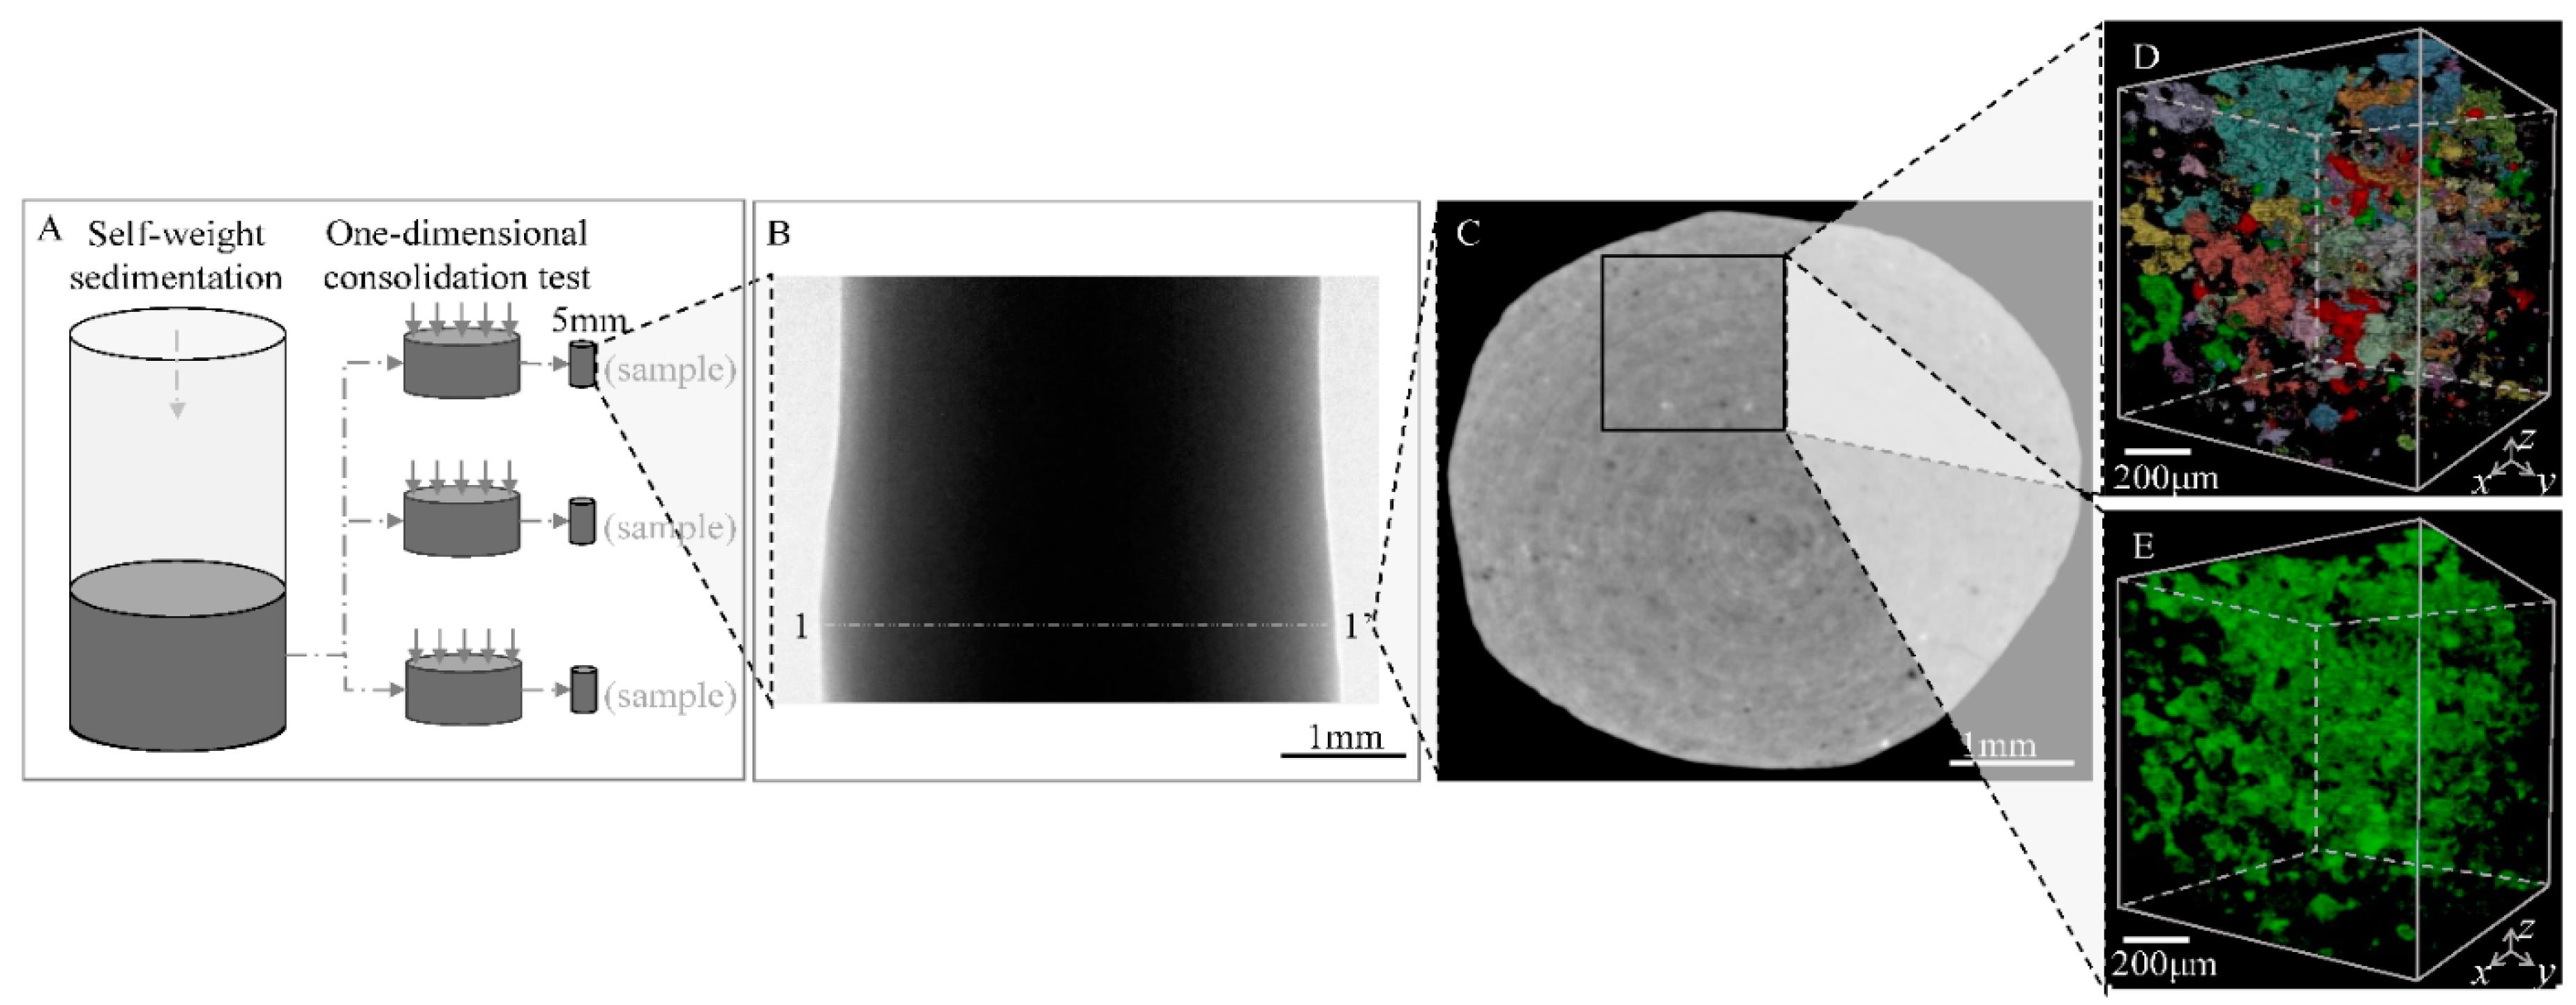 Bonito plantilla elsevier embellecimiento ejemplo de for Sciencedirect latex template